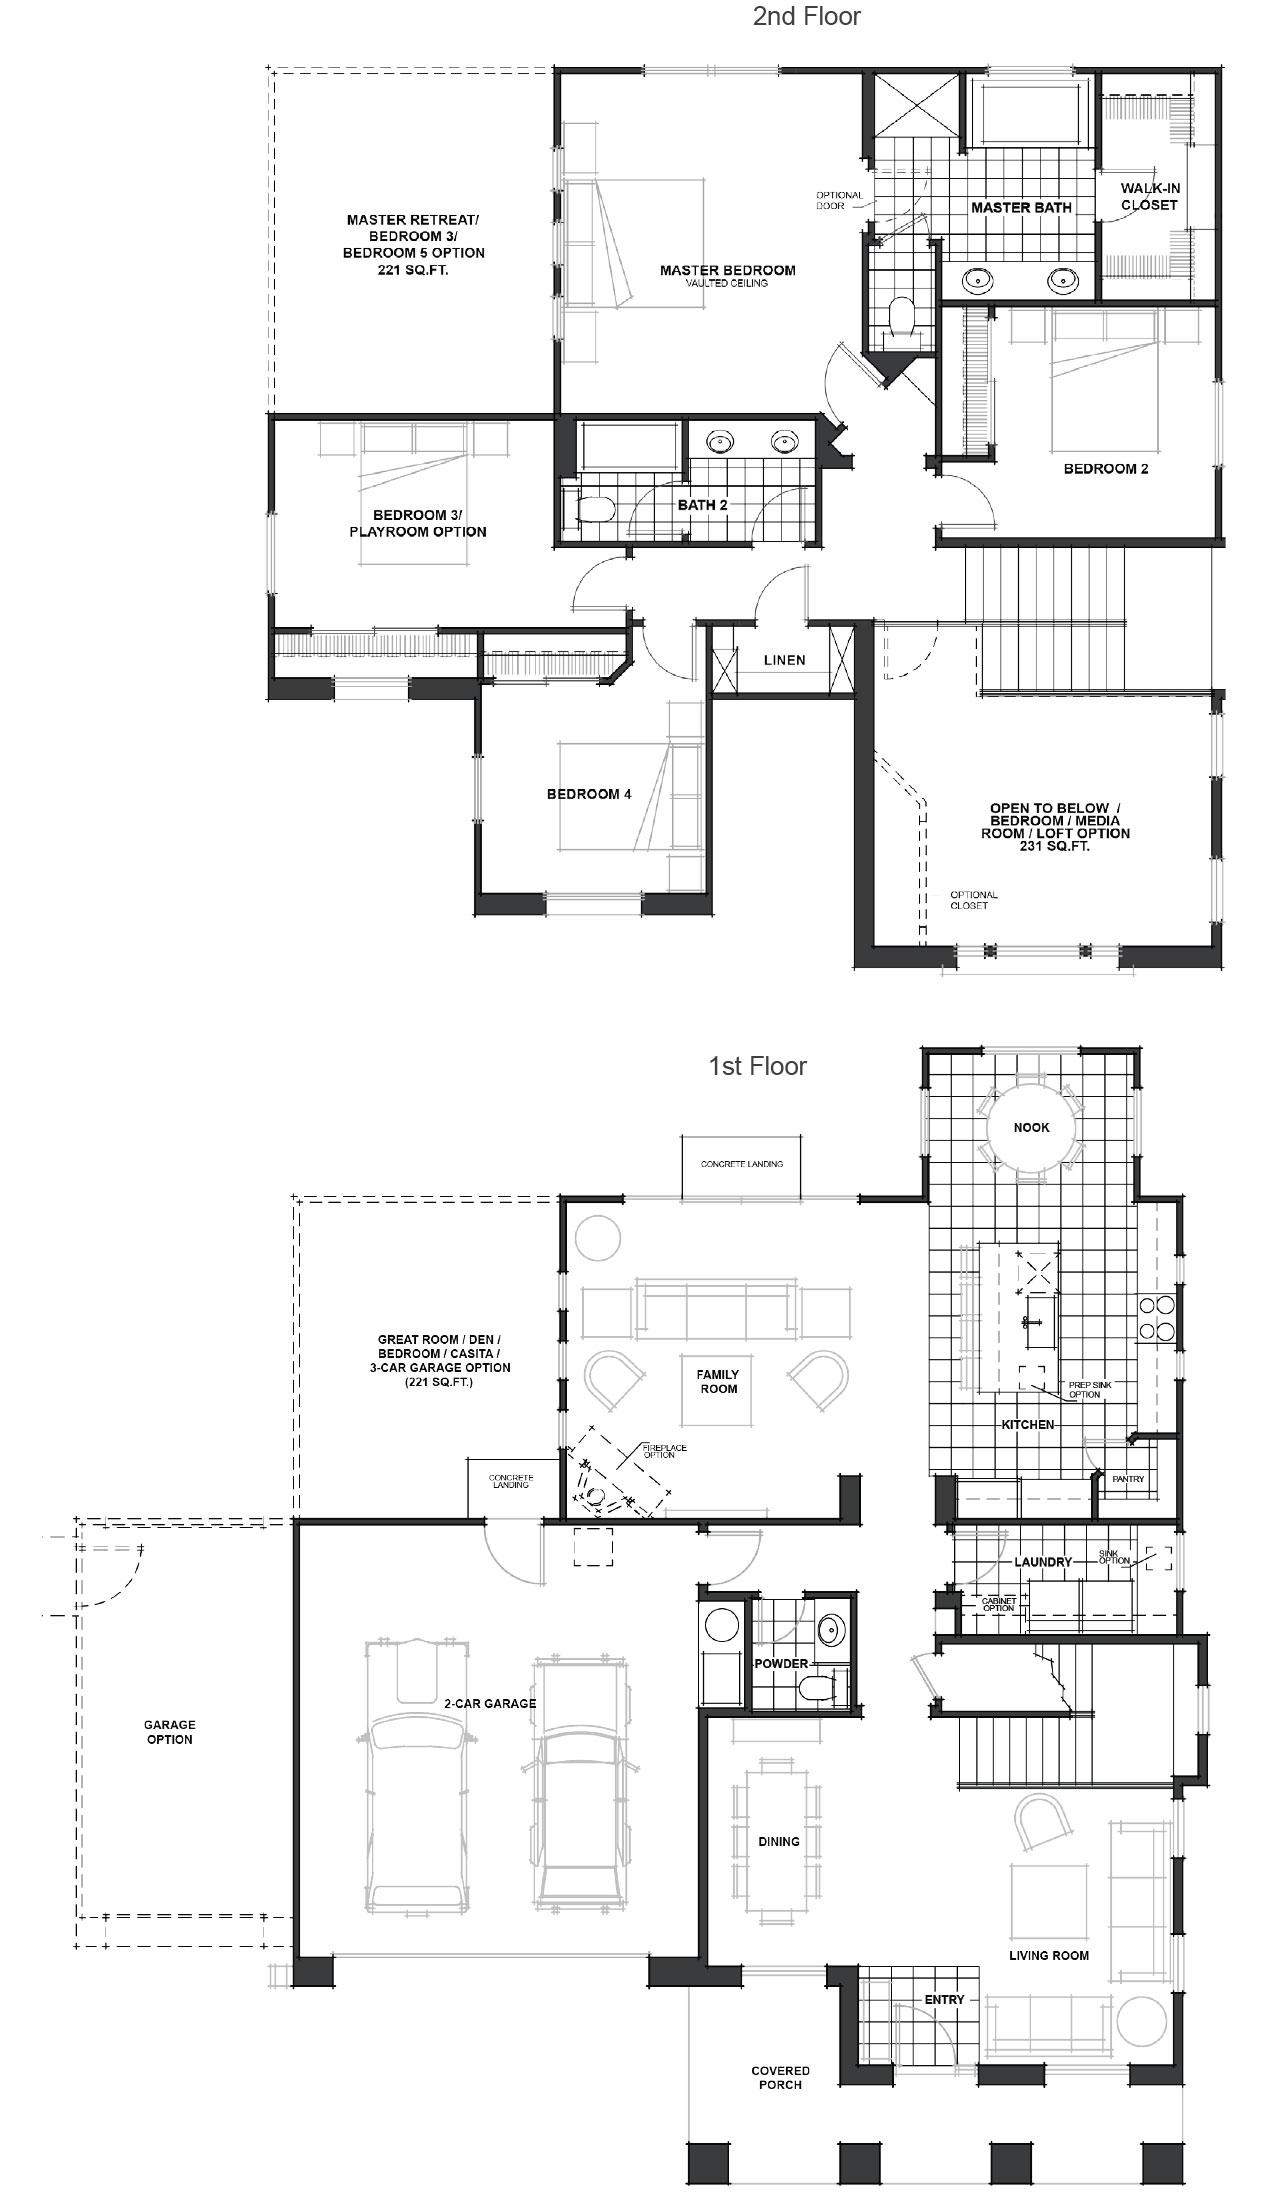 carrollton floor plan - Jkb Homes Floor Plans